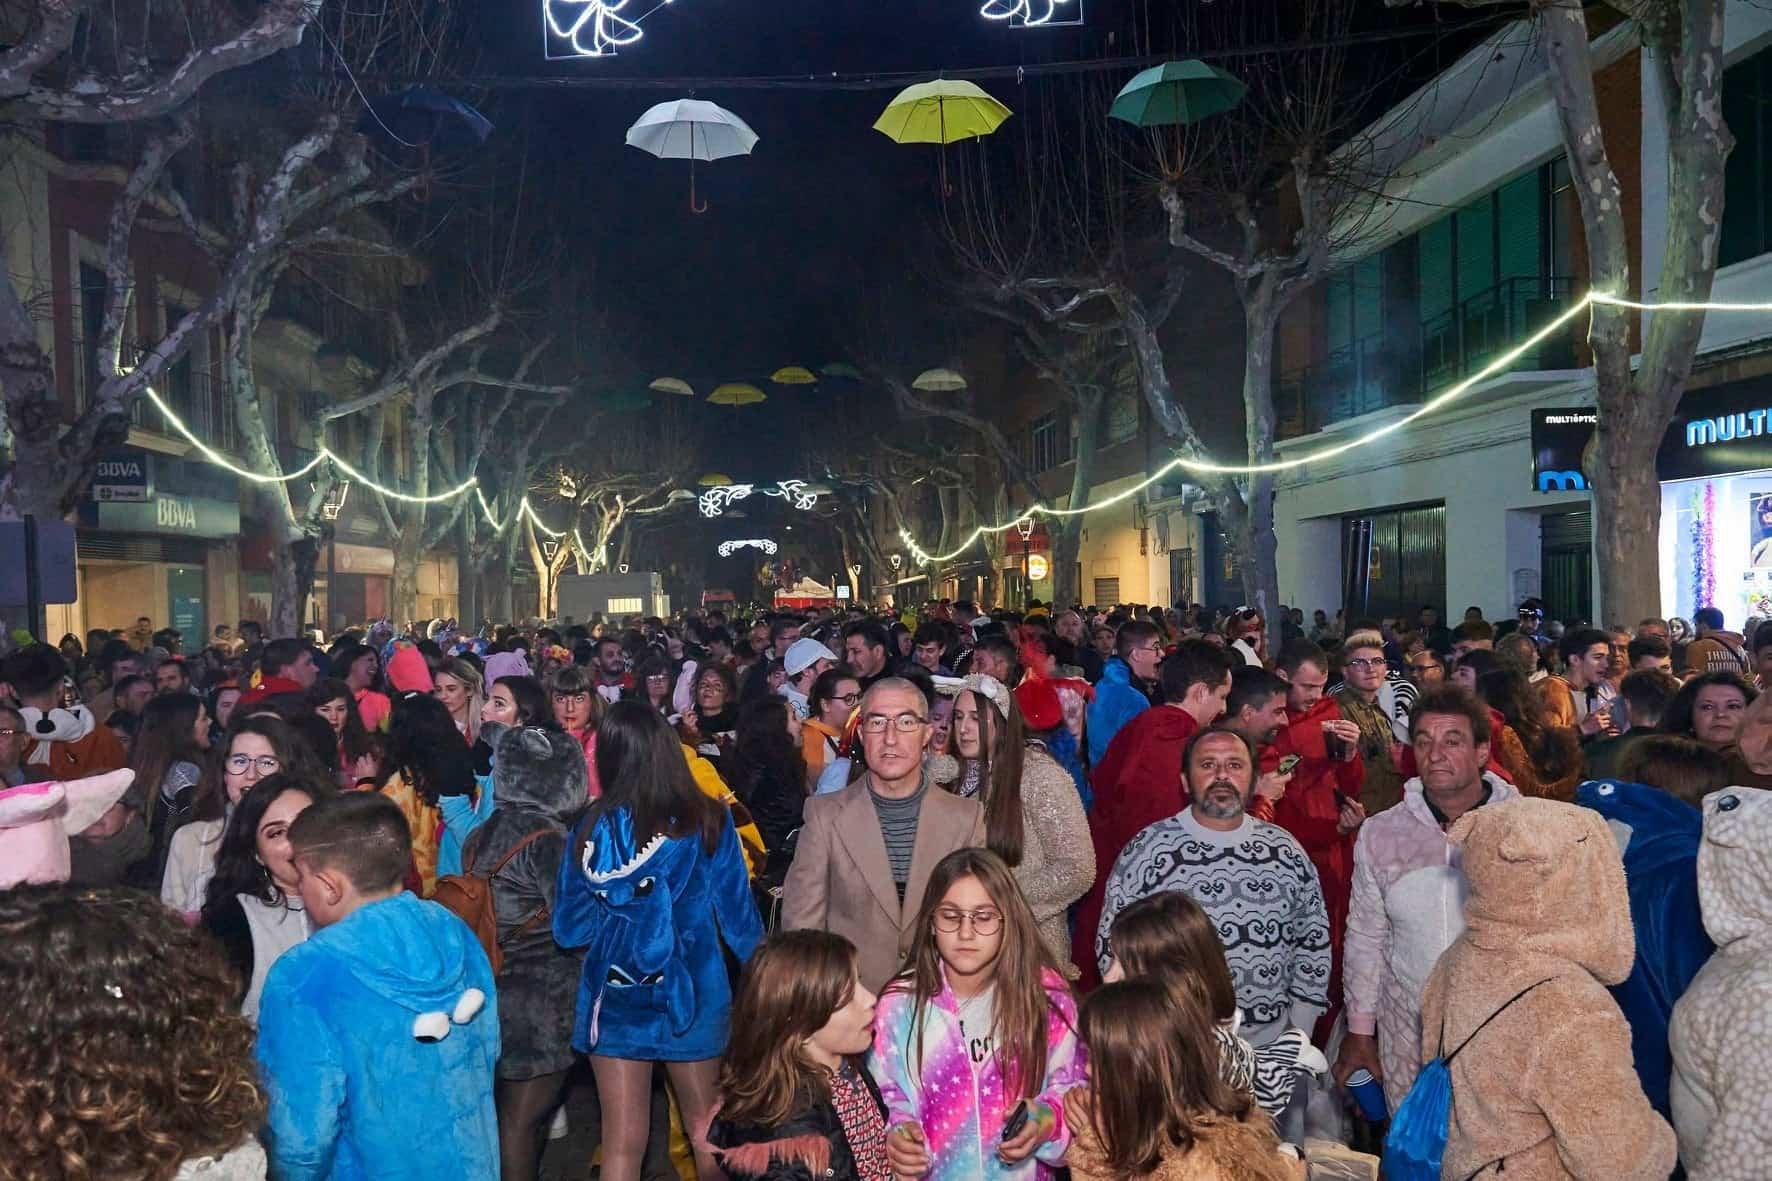 Carnaval herencia 2020 sabado ansiosos 9 - Fotografías del Sábado de los Ansiosos del Carnaval de Herencia 2020